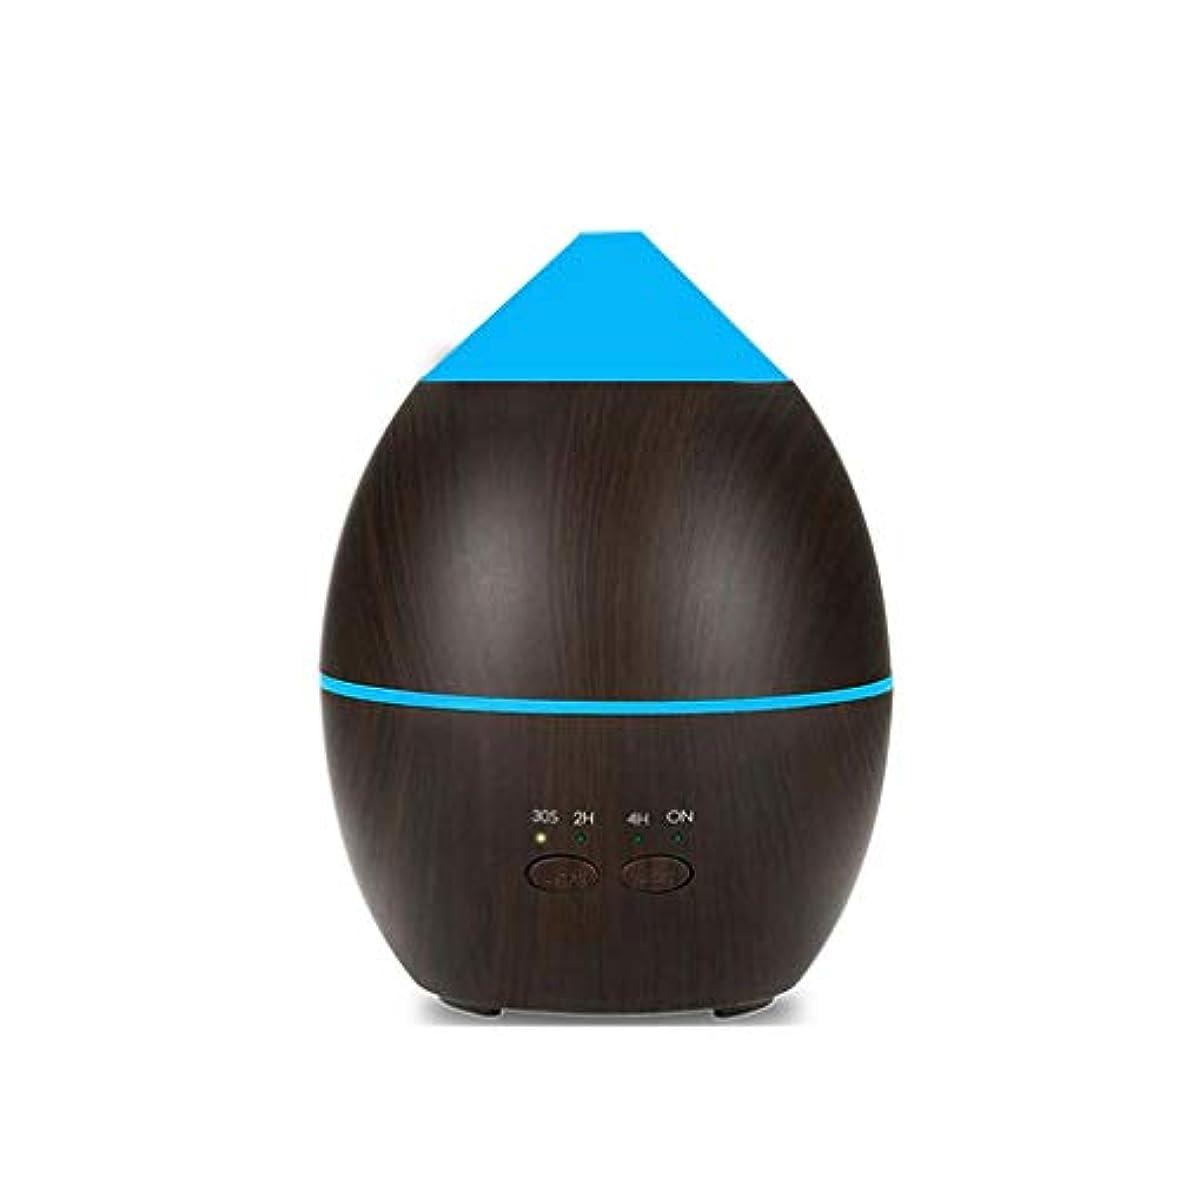 不適本質的ではないビーム加湿器水滴モデル300ミリリットル加湿器リモコンusb 300ミリリットル、木目 (Color : Brown)